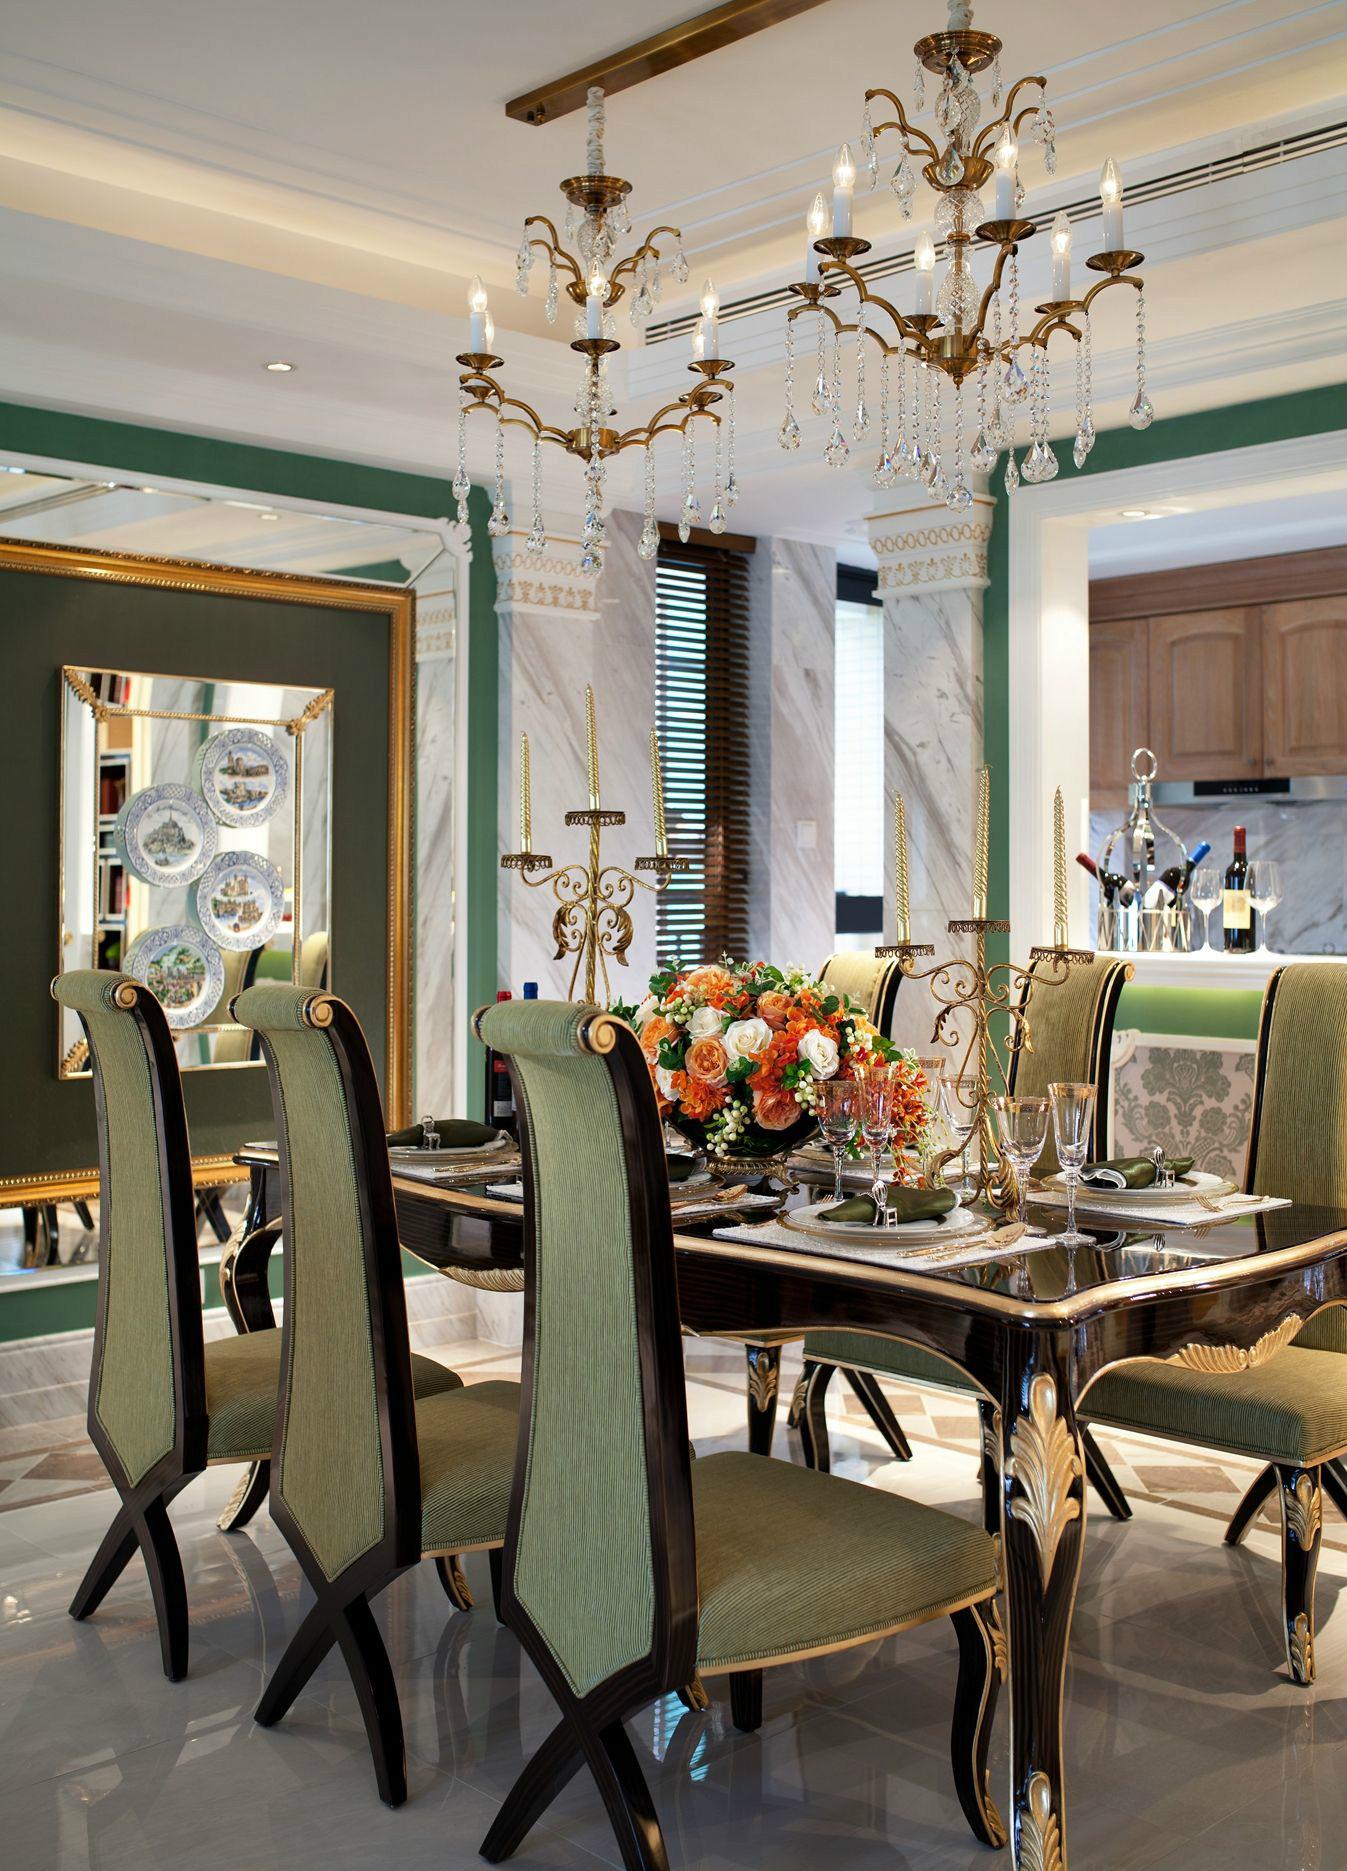 餐厅家具线条感十足,镶金设计时尚又透露着复古的色彩;两个烛台设计的吊灯为餐厅注入了满满的温馨浪漫。